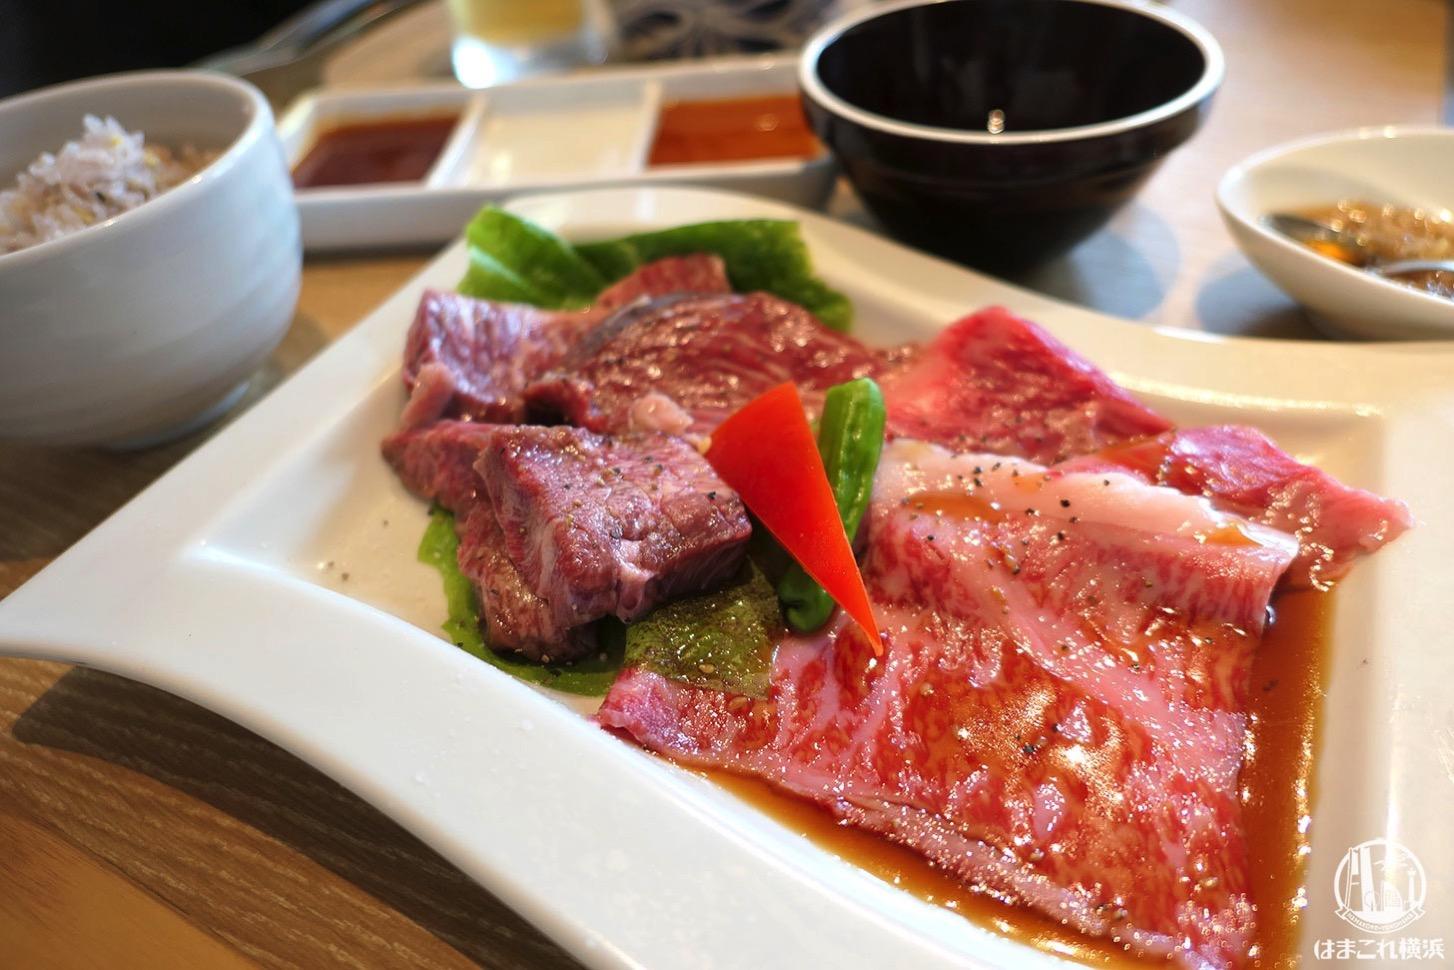 横浜焼肉kintanで念願の焼肉ランチ!旨味・食感最高の肉堪能